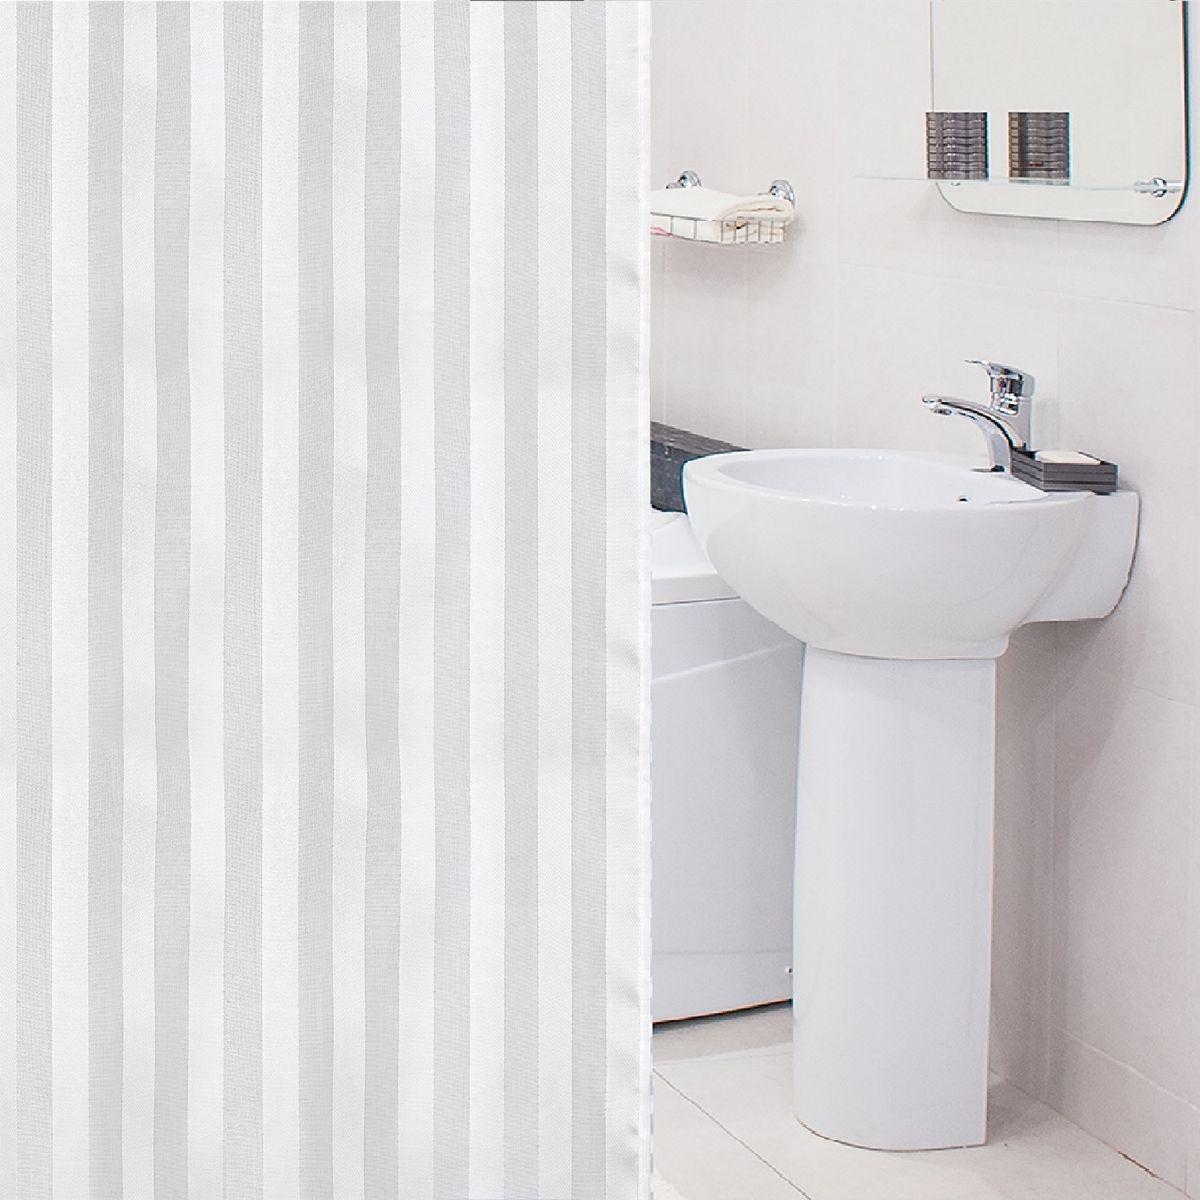 Штора для ванной комнаты Tatkraft Harmony, с кольцами, 180 х 180 см18792Штора для ванной комнаты Tatkraft Harmony выполнена из высококачественного полиэстера с водоотталкивающим и антигрибковым покрытием. Изделие приятно на ощупь, быстро высыхает. В комплекте прилагаются овальные пластиковые кольца.Такая штора прекрасно впишется в любой интерьер ванной комнаты и идеально защитит от брызг. Можно стирать в стиральной машине при температуре 40°С. Количество колец: 12 шт.